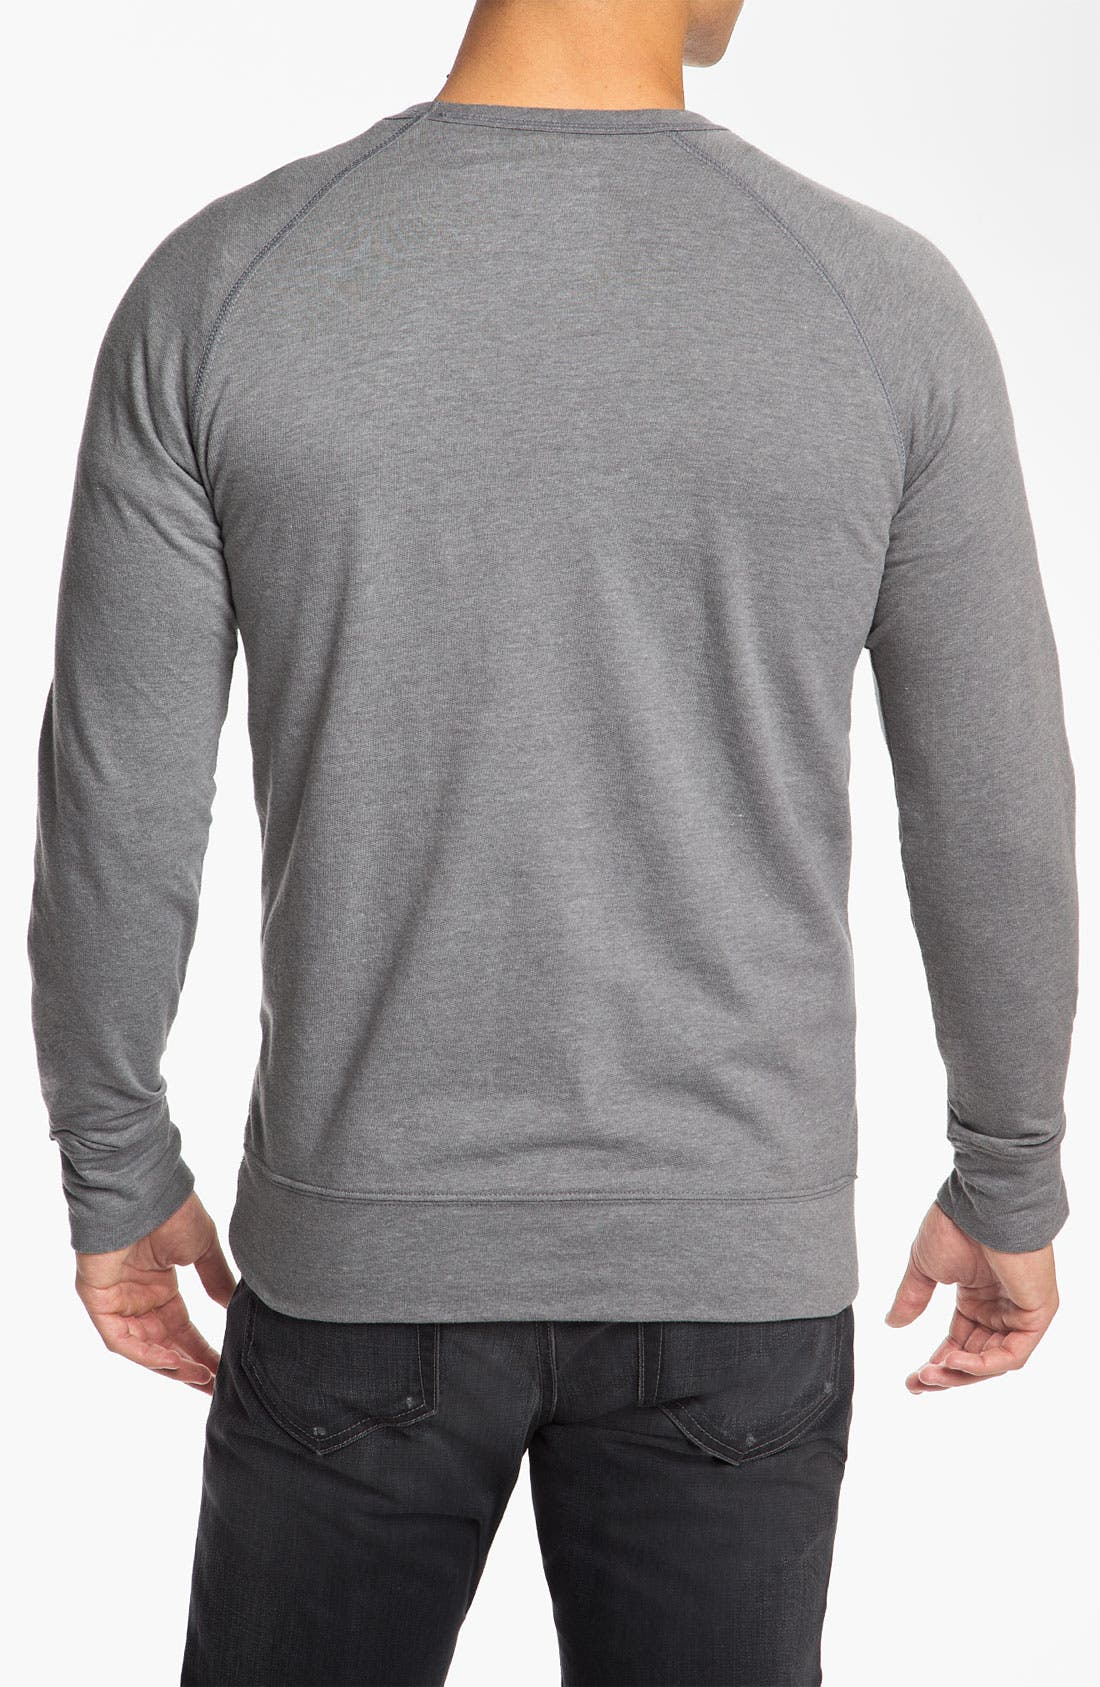 Alternate Image 2  - Hurley 'Broken' Graphic Crewneck Sweatshirt